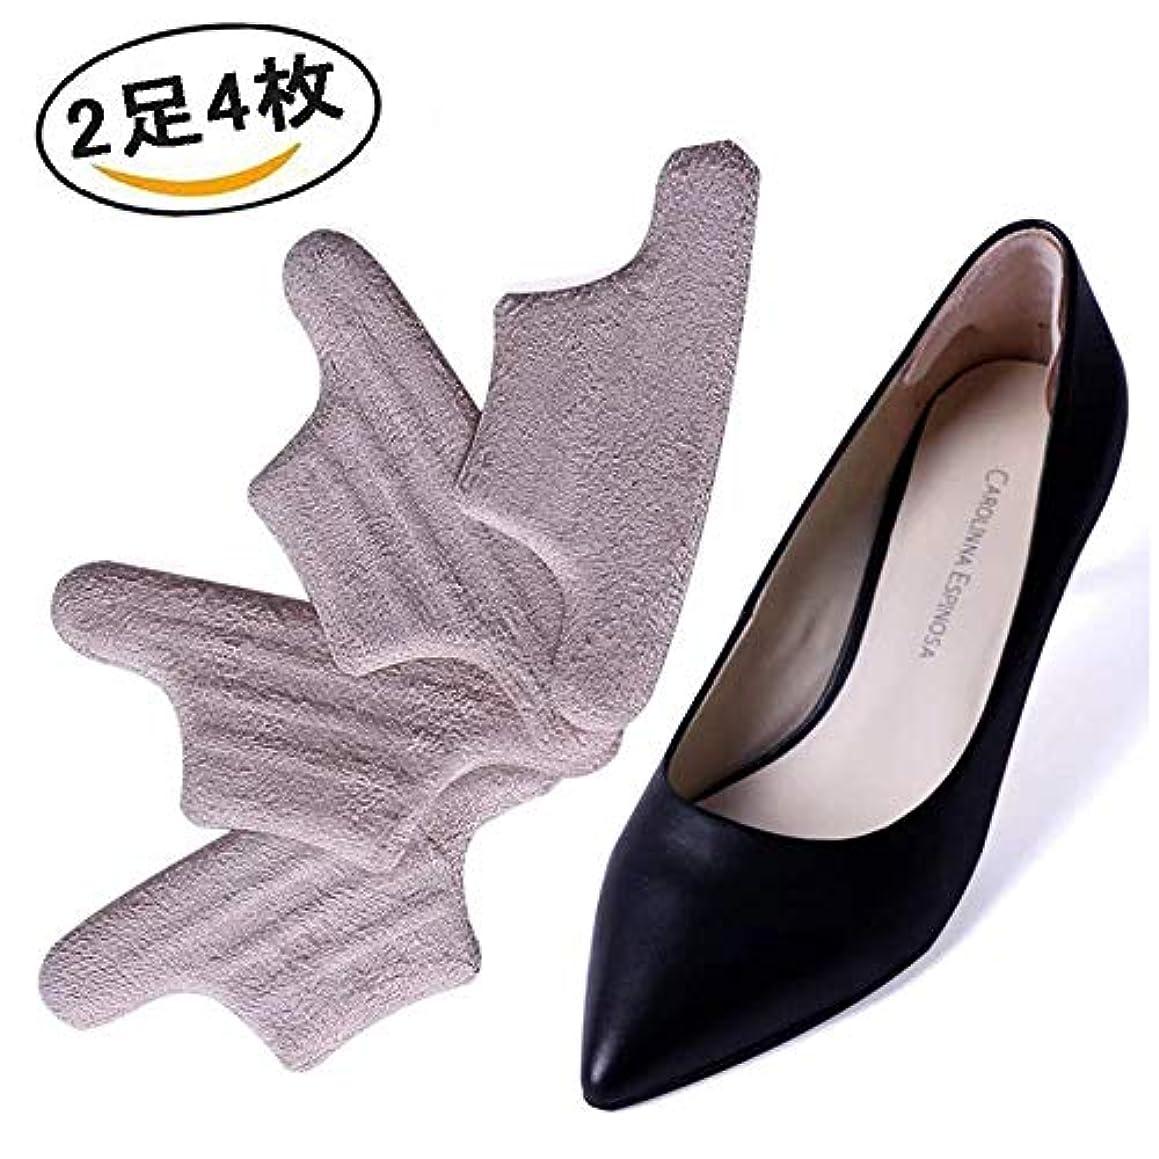 2足セット4枚入り 靴ずれ防止 かかとパッド 靴擦れ